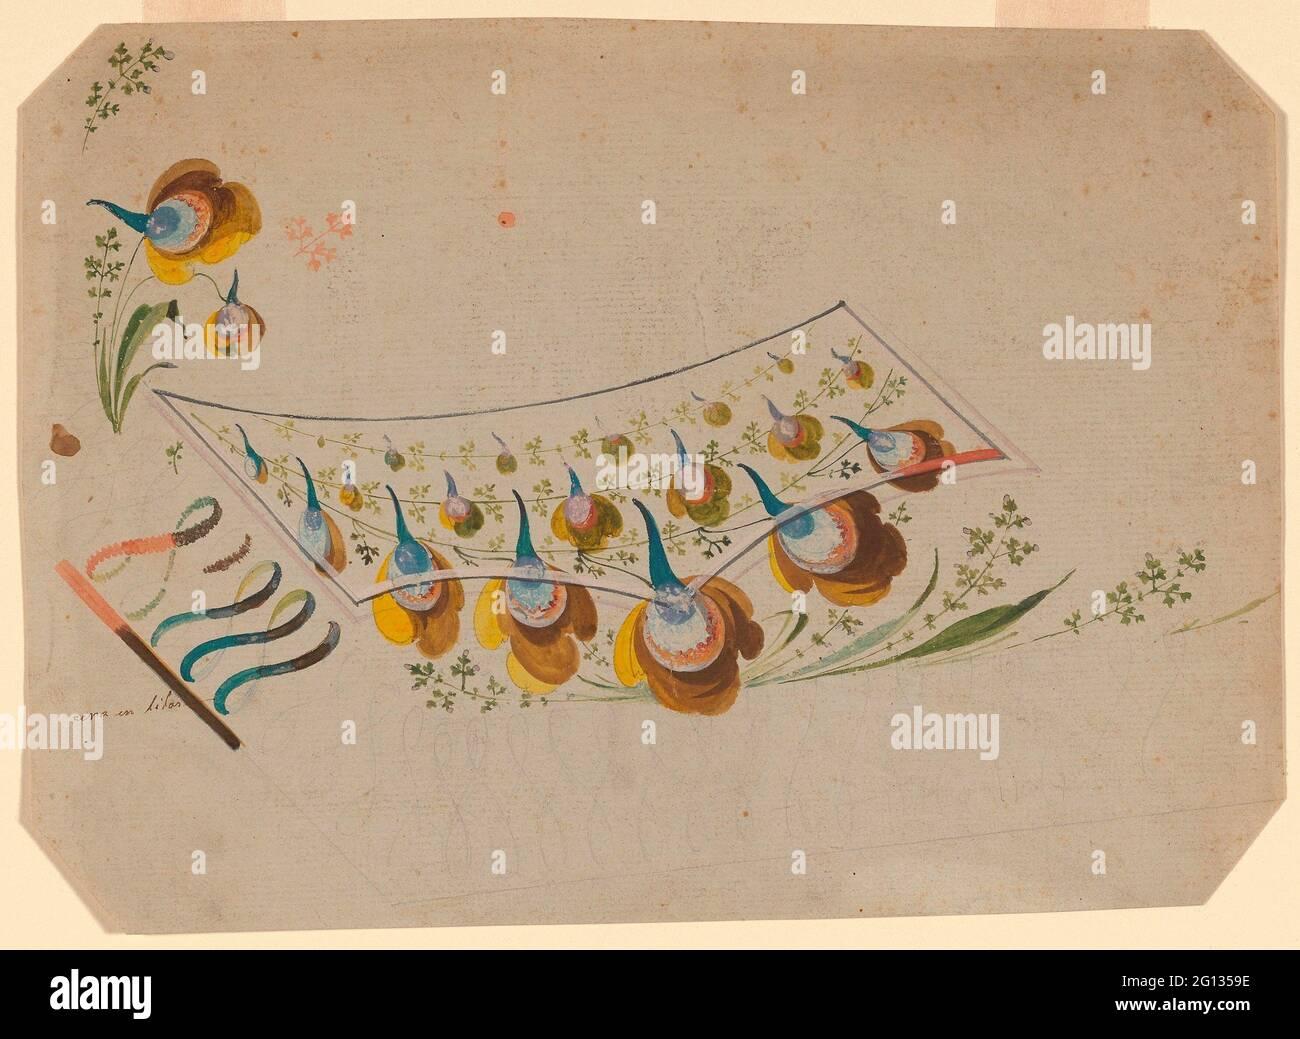 Design pour un gilet de costume brodé poche - 1780/90 - France, probablement Lyon. Motif fleuri polychrome avec des arabesques le long du bord inférieur du gilet. Banque D'Images